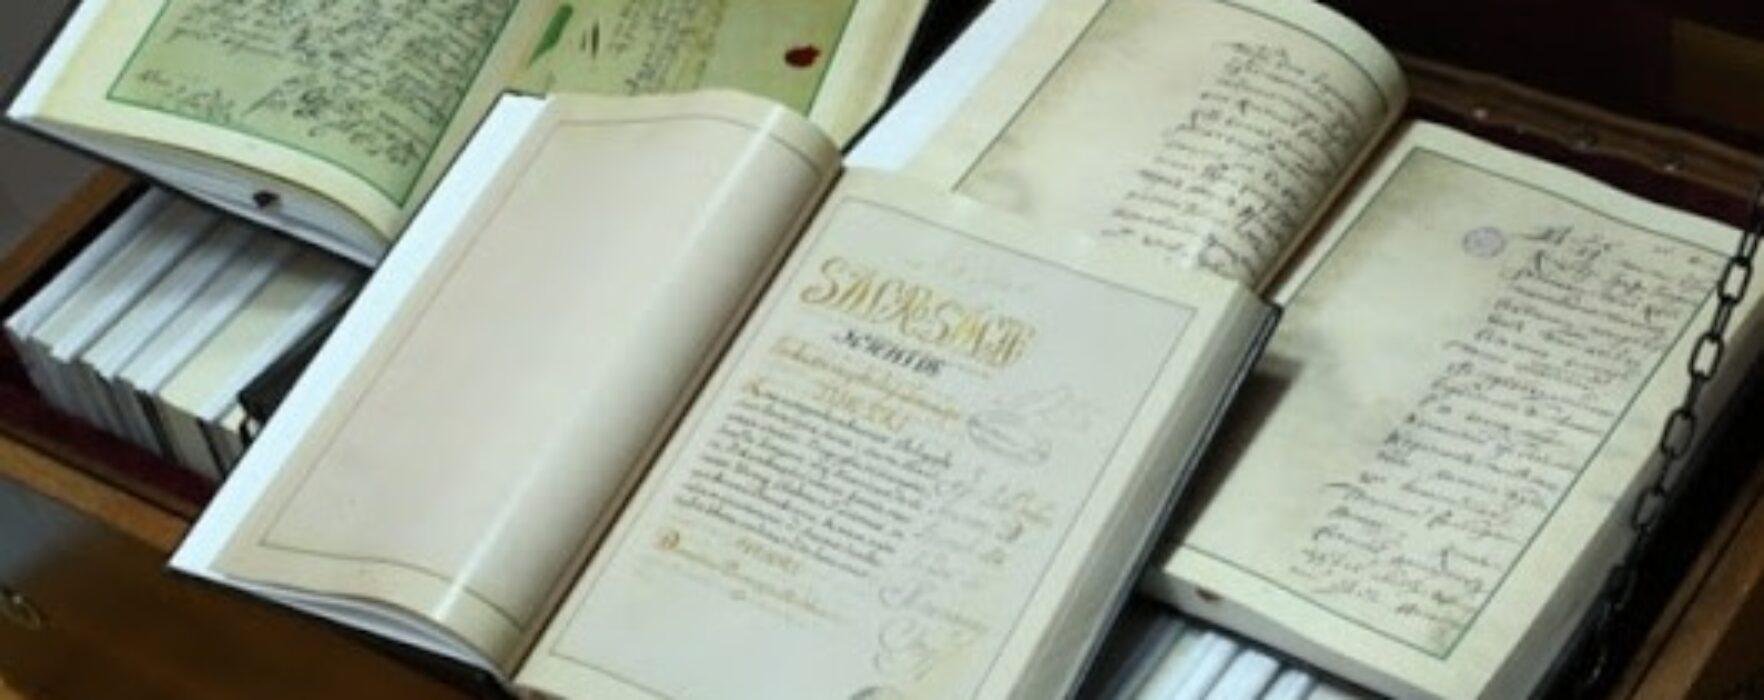 """Integrala Manuscriselor Cantemir, la Salonul editorial """"Ion Heliade Rădulescu"""""""